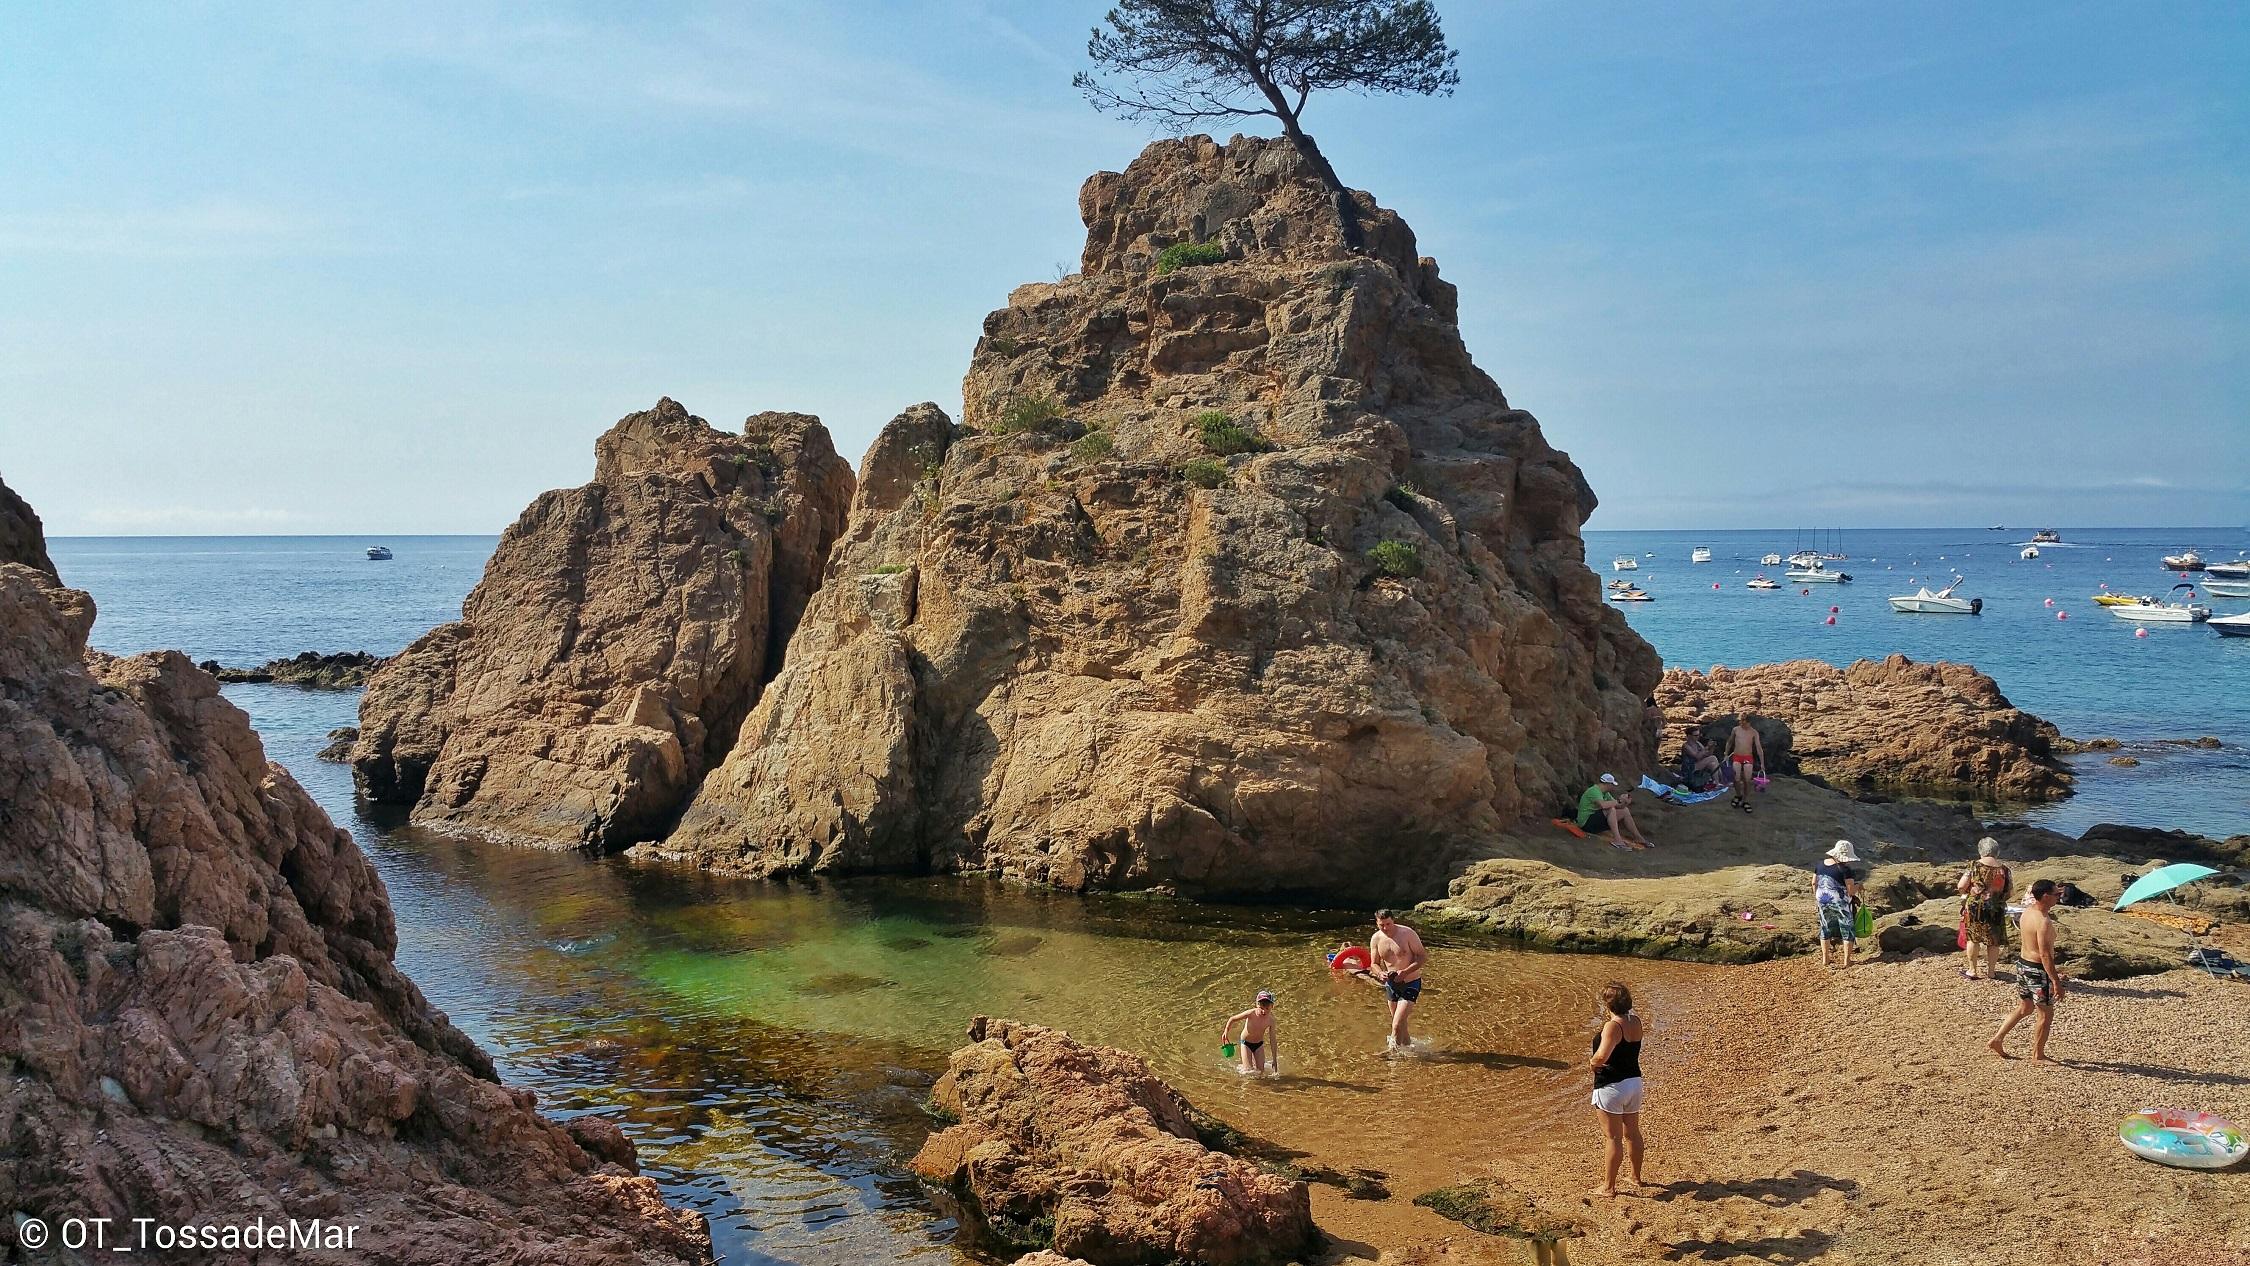 Siete calas mediterr neas en las que perderse este verano for Oficina de turismo tossa de mar